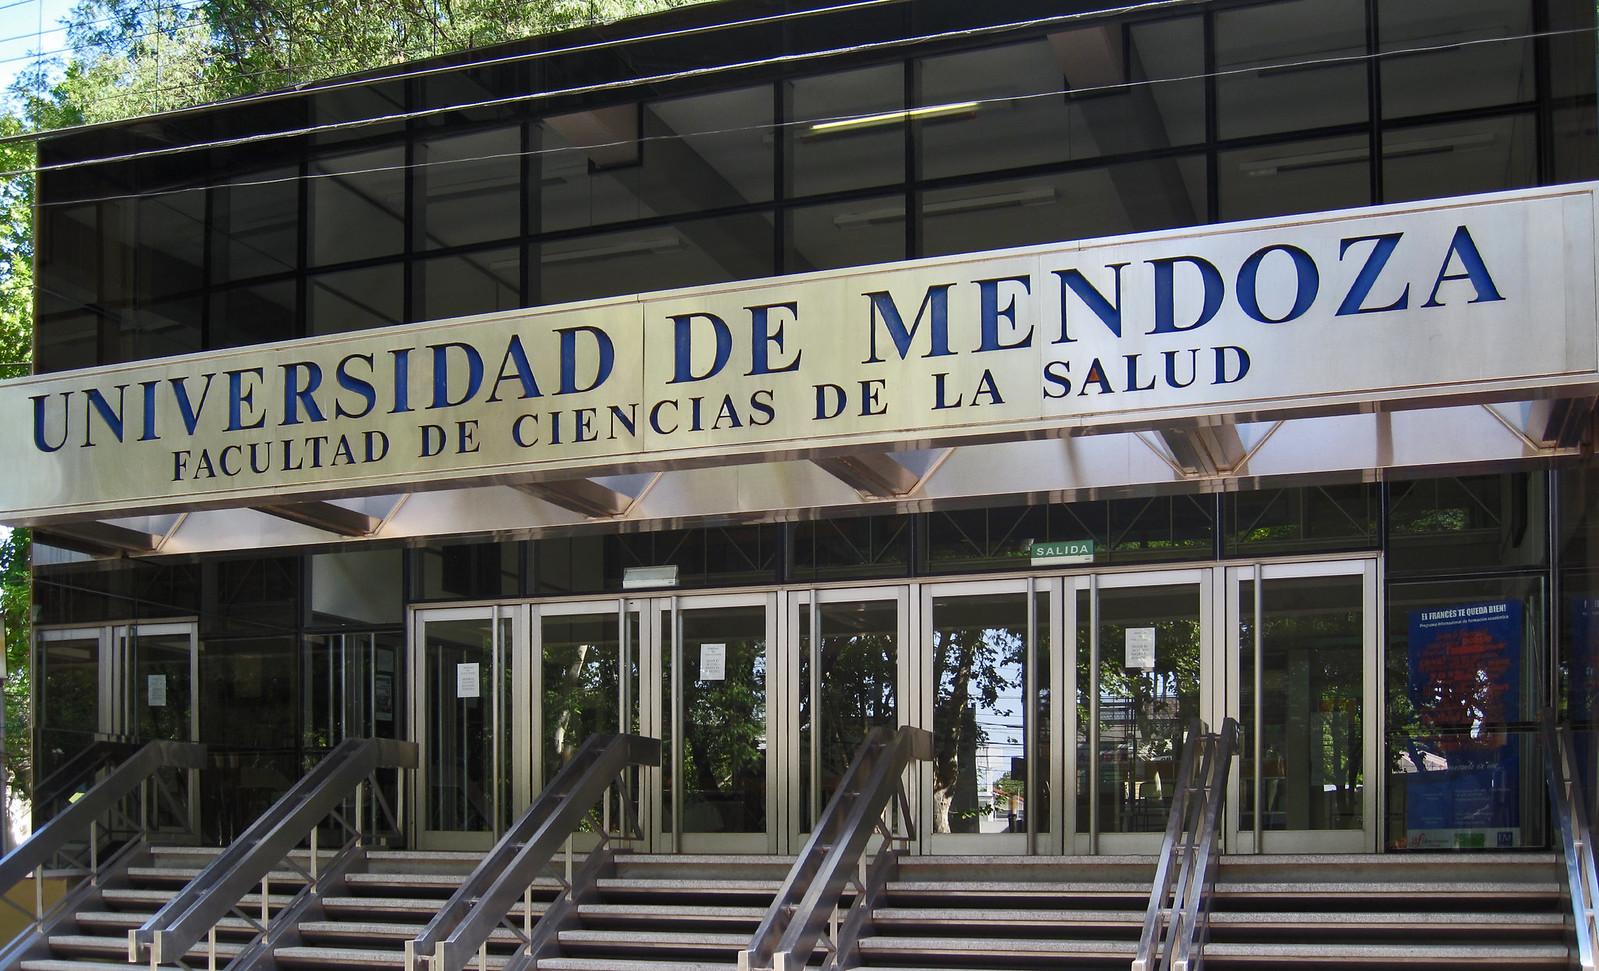 Mendoza 007